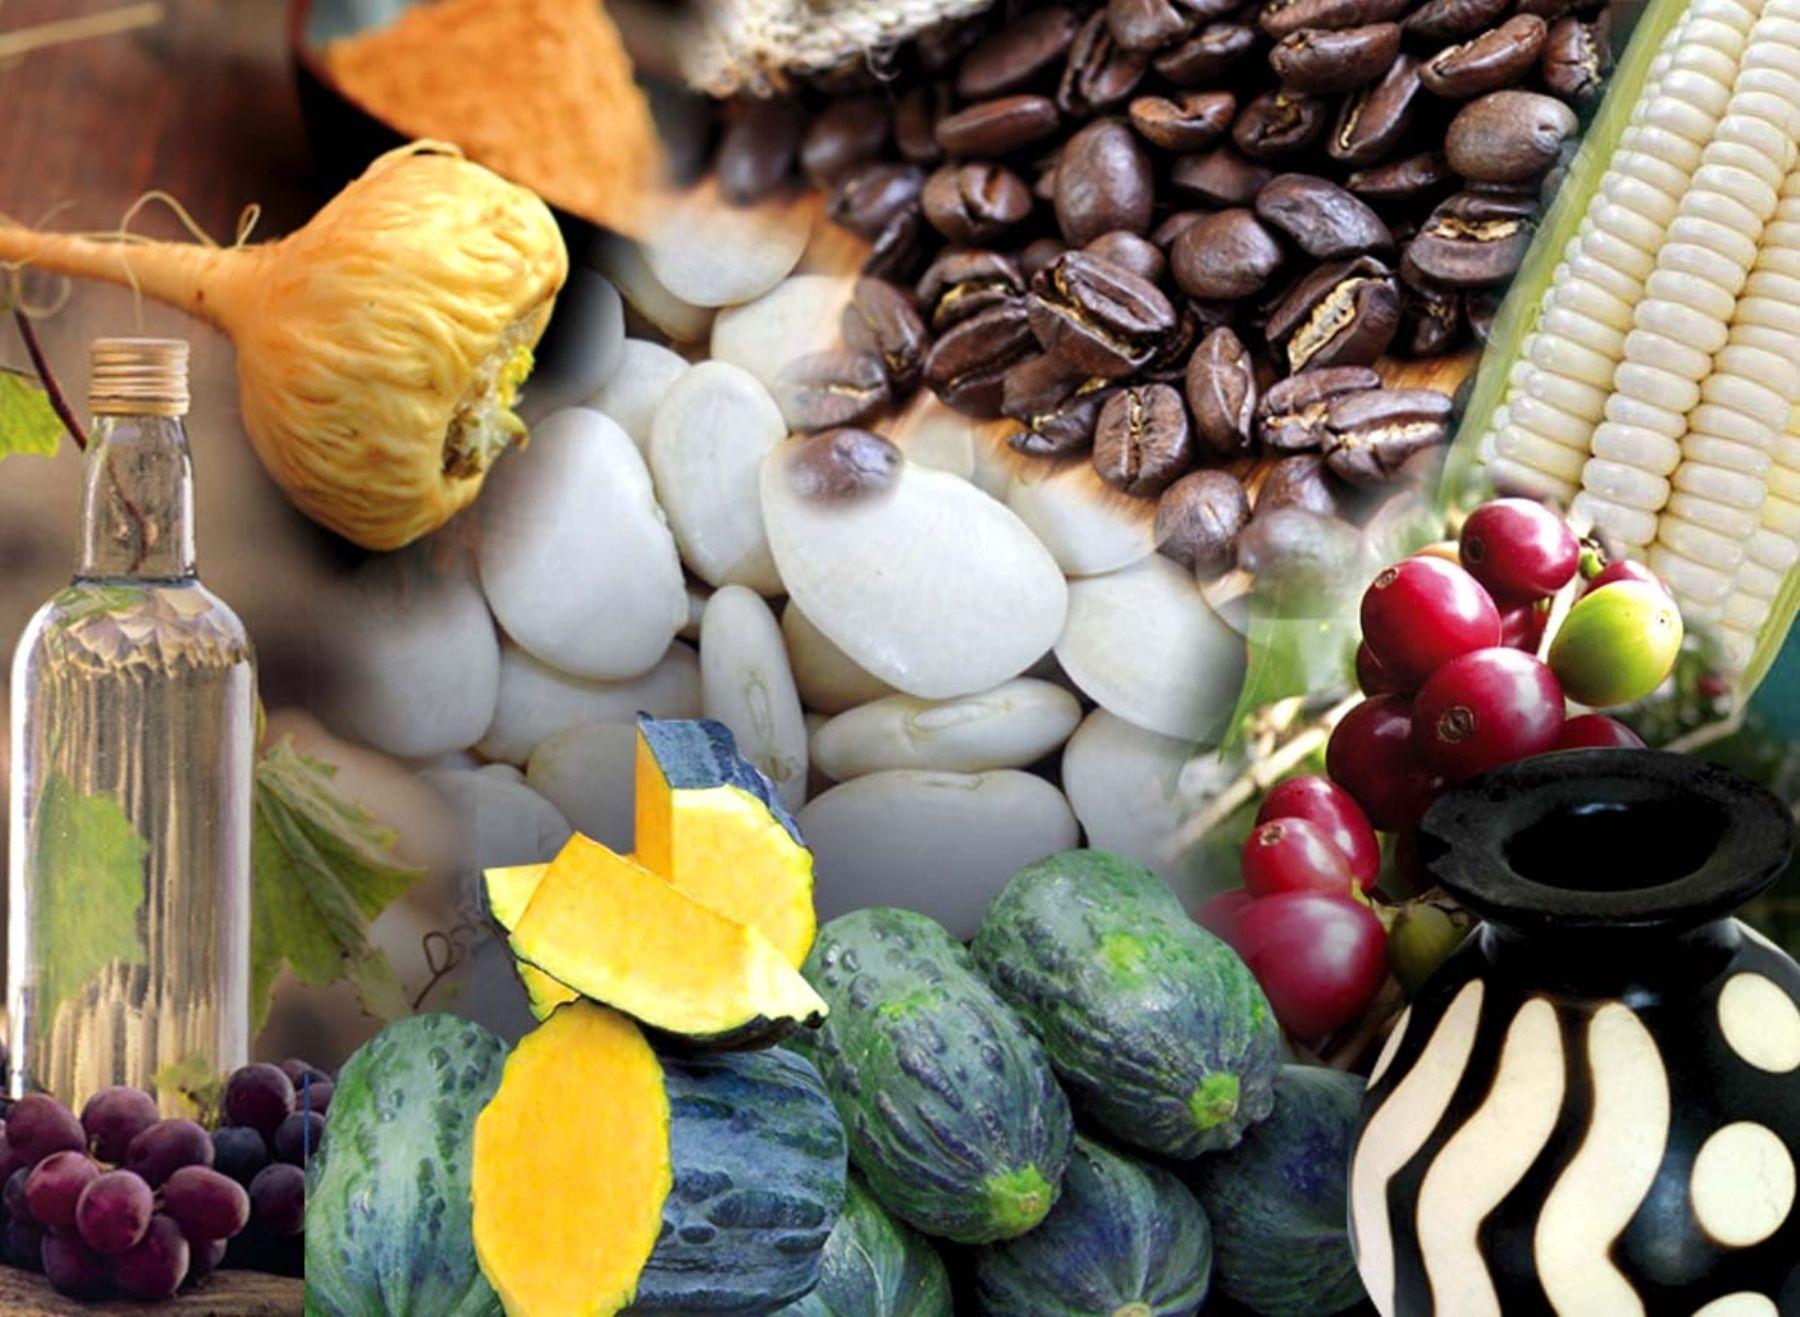 El Perú cuenta con diez productos oriundos con denominación de origen, un distintivo que otorga el Indecopi y que permite acceder a beneficios como acreditación de calidad y mayor valor en el mercado. ANDINA/Difusión